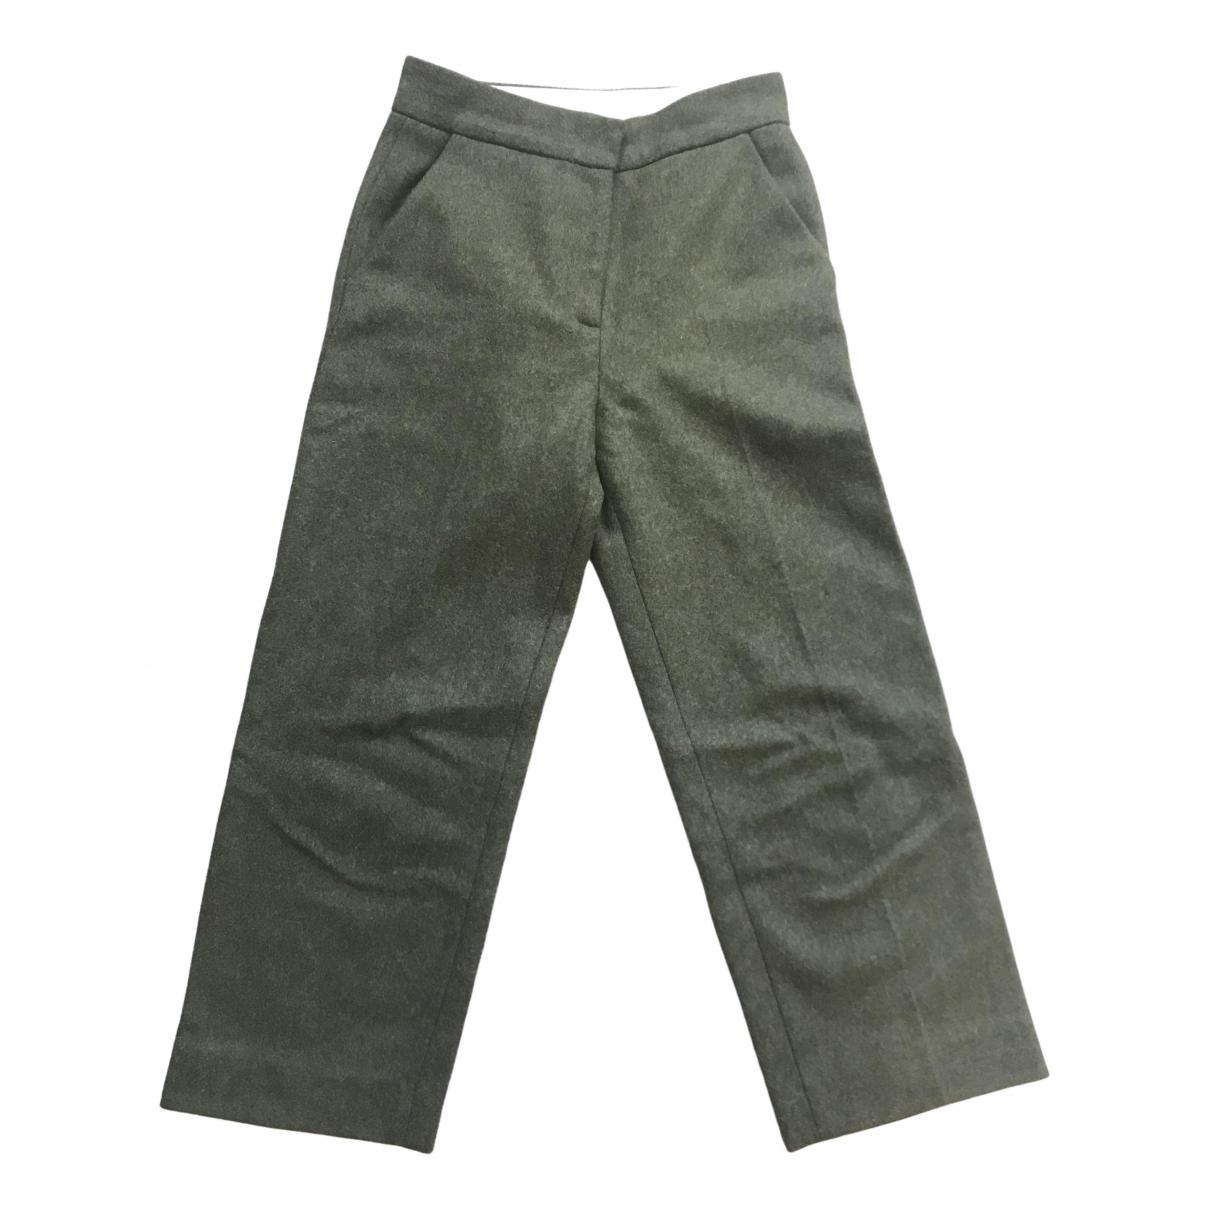 Cos - Pantalon   pour femme en laine - vert